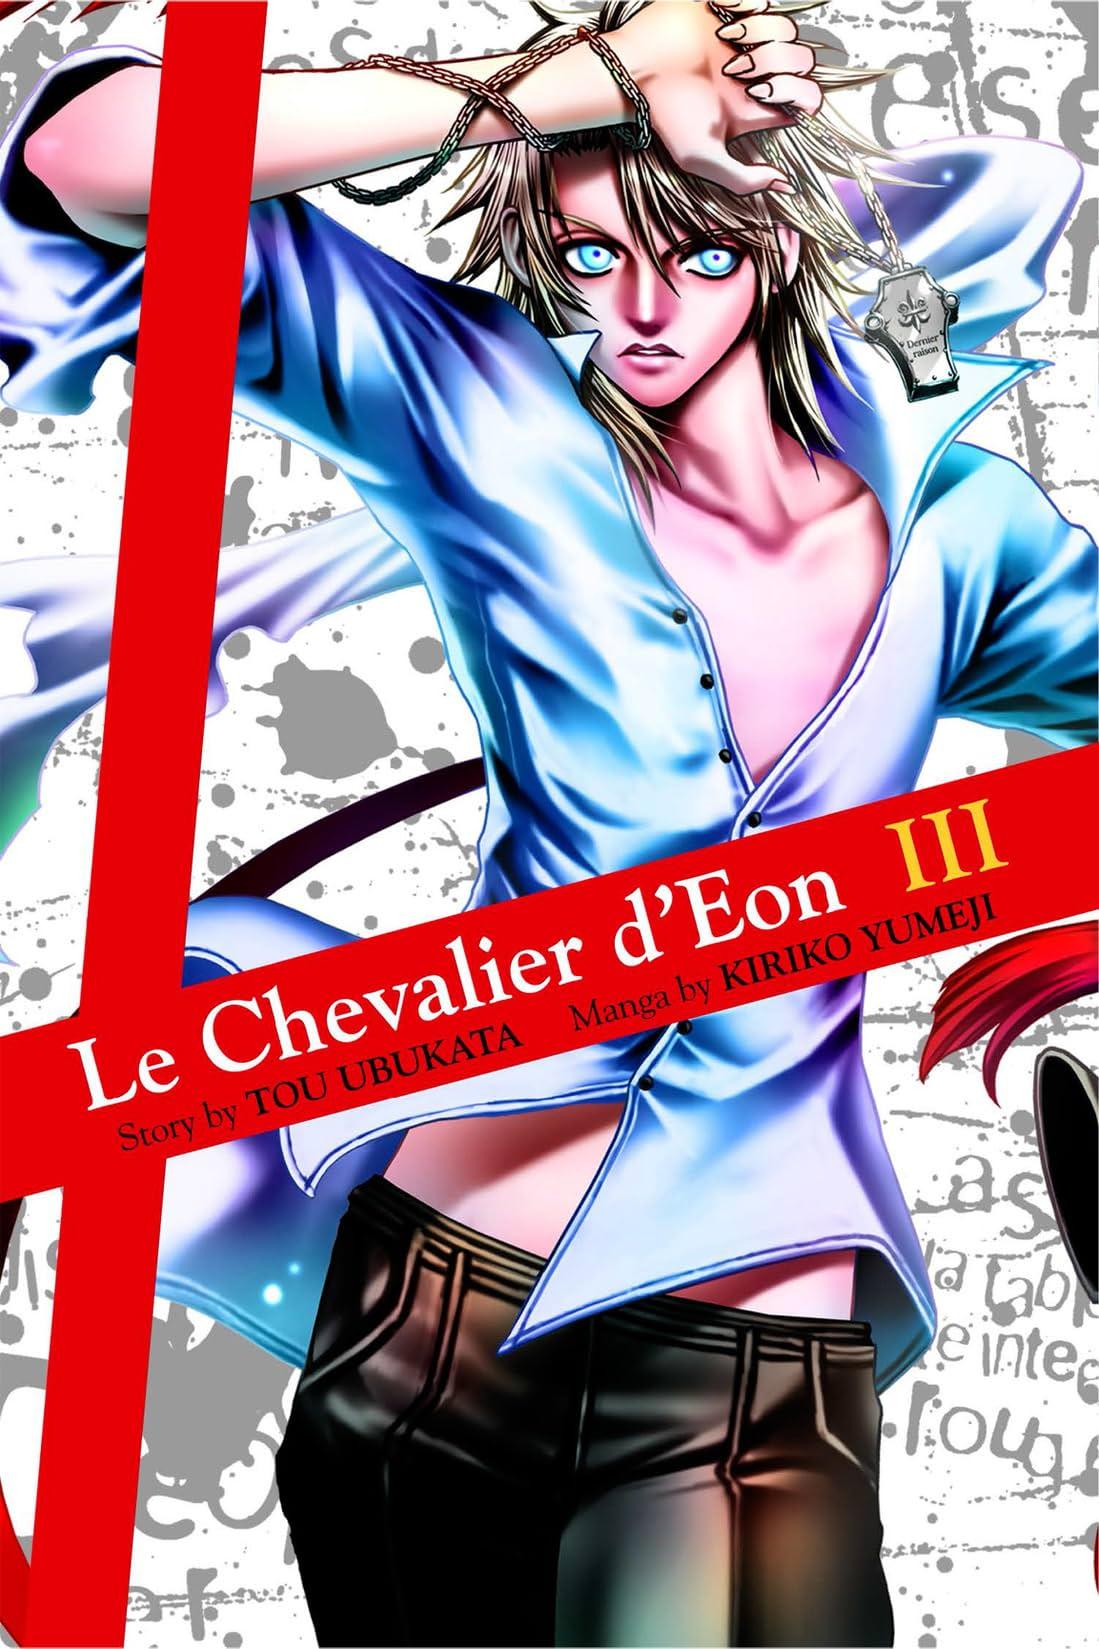 Le Chevalier d'Eon Vol. 3